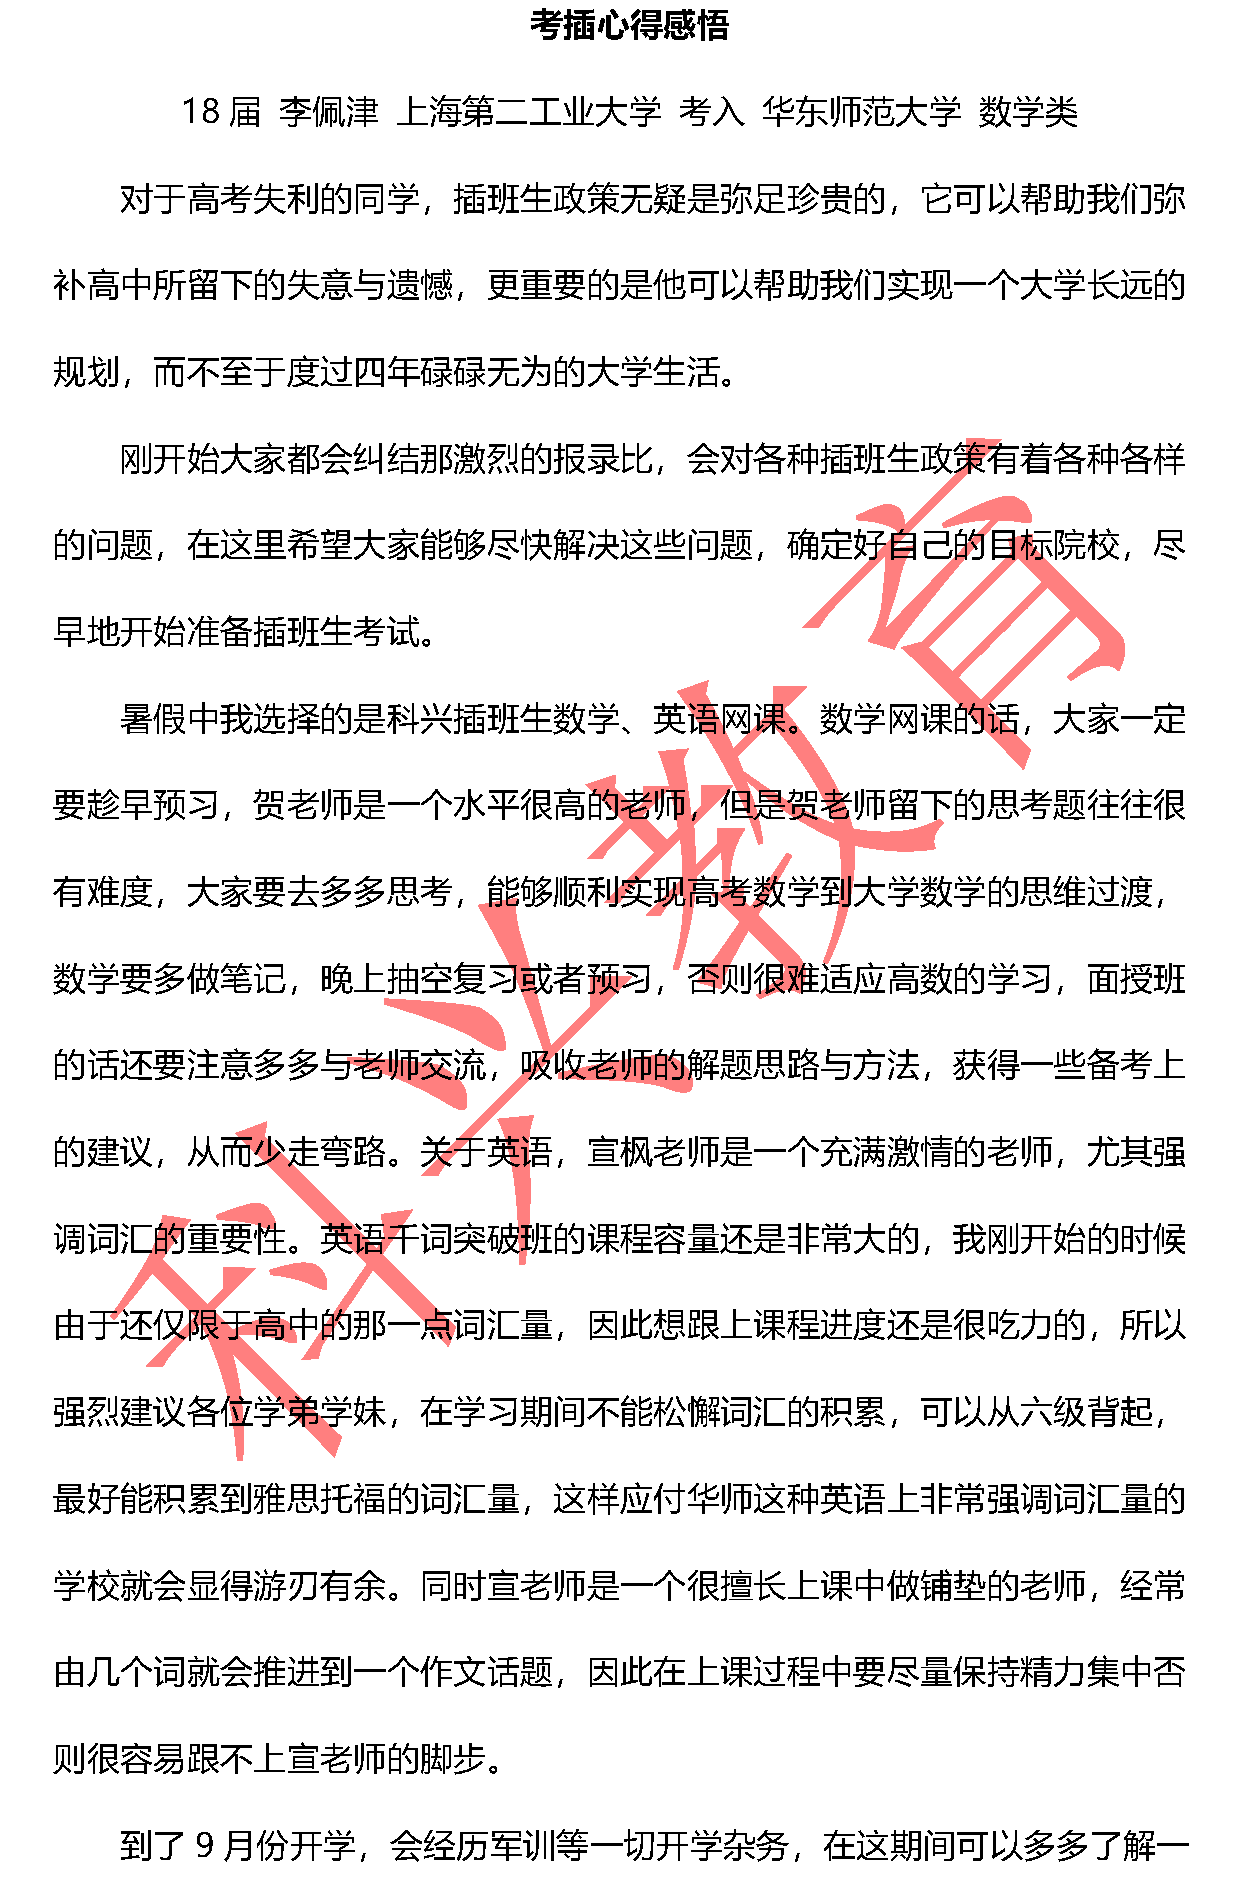 华师李佩津:考插心得感悟(18届)